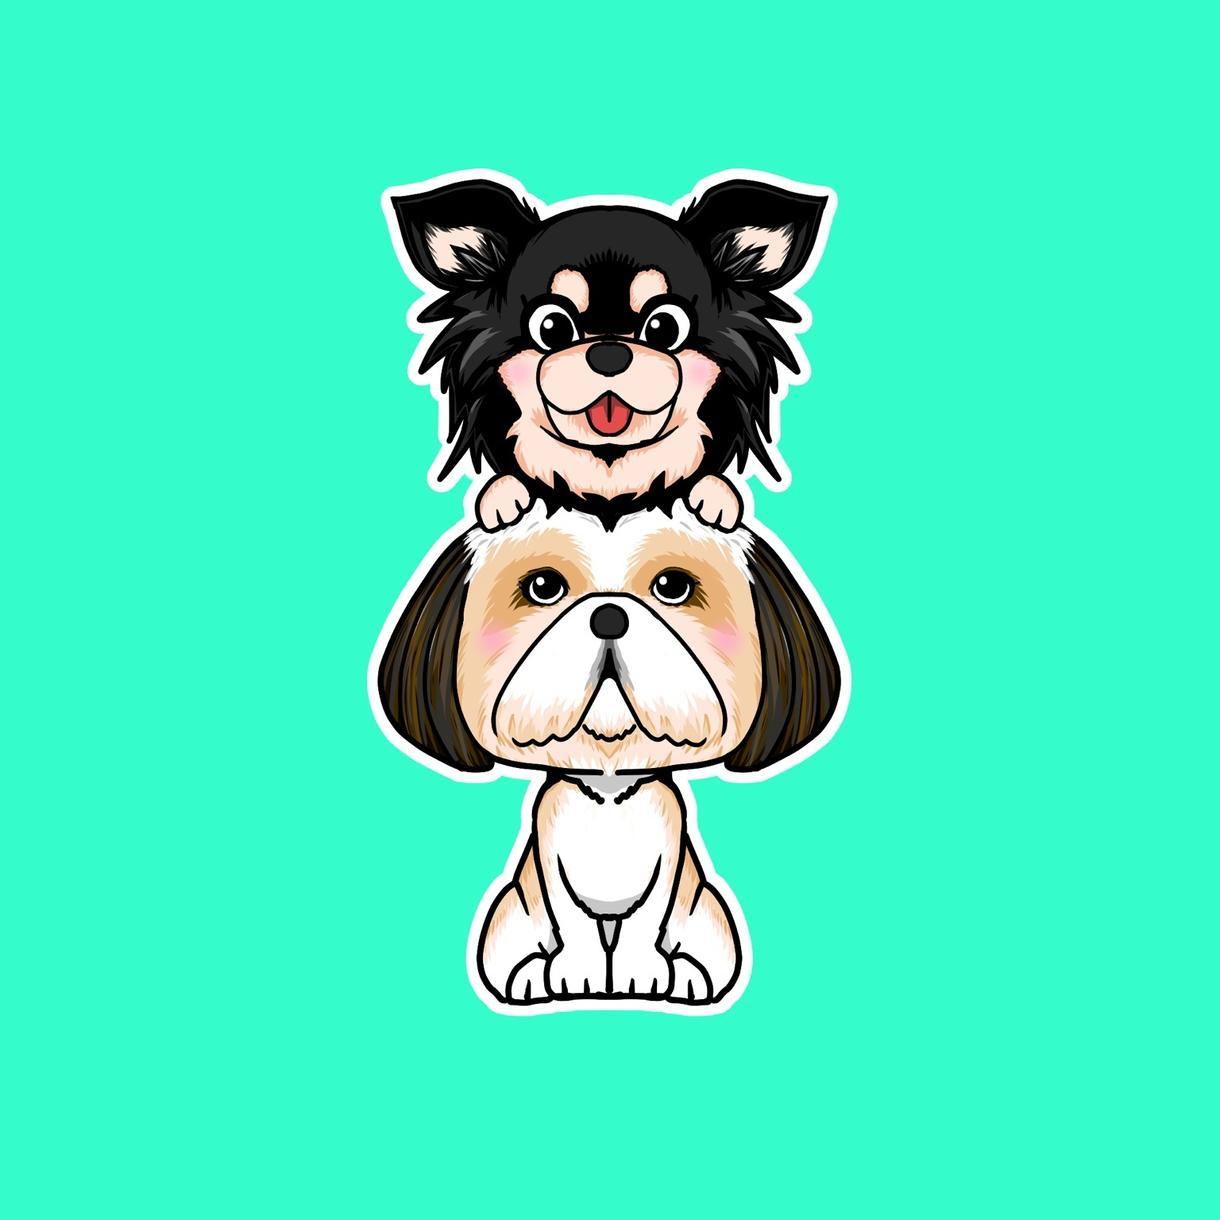 好きな動物やかわいいペットのSNSアイコン描きます 服を着せたり小物をつけたりかわいく描きます!修正回数無制限